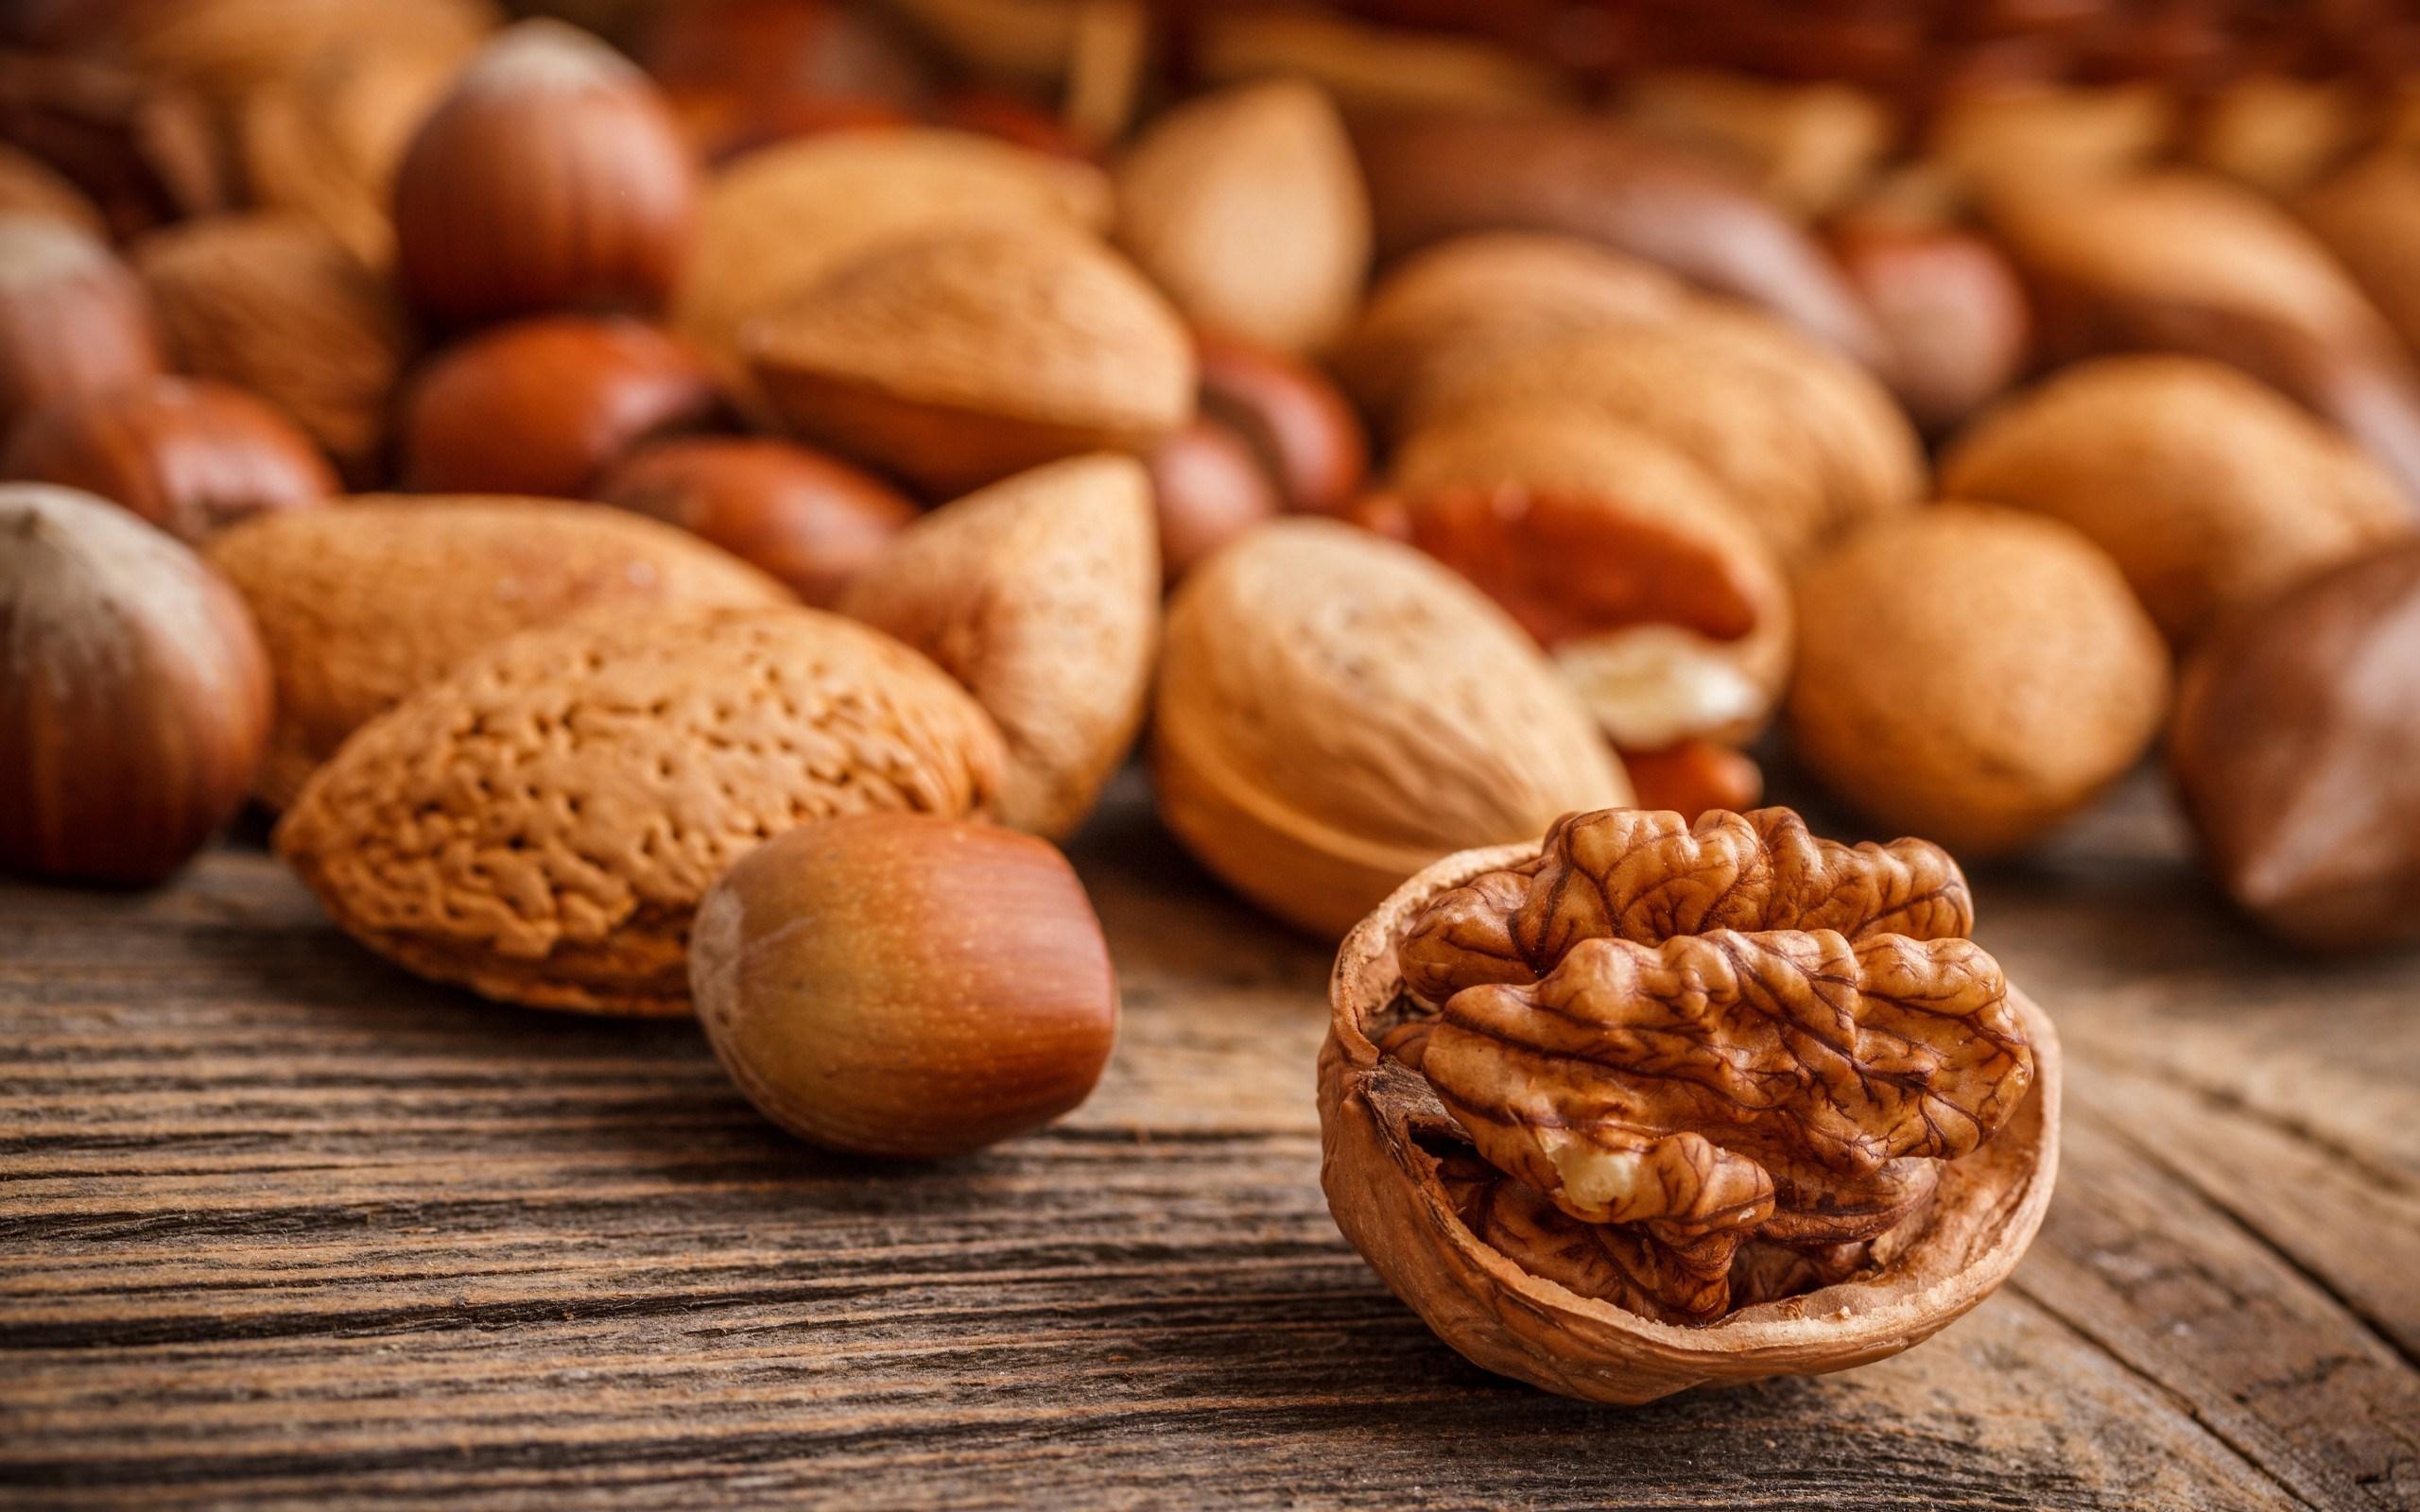 7020996-nuts-macro